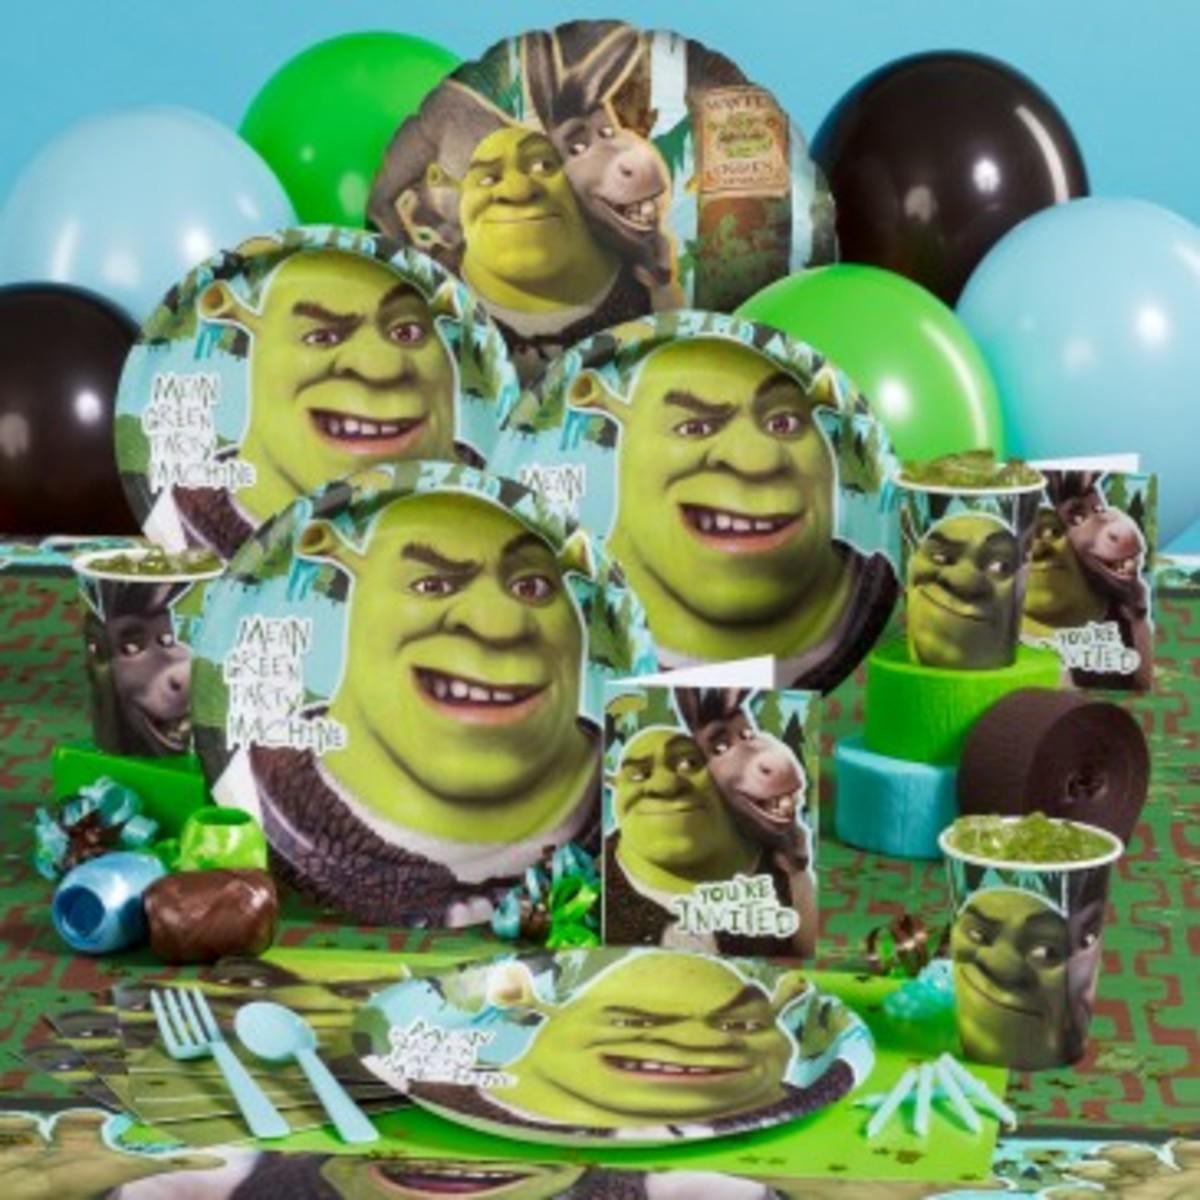 shrek-birthday-cakes-and-cupcake-ideas